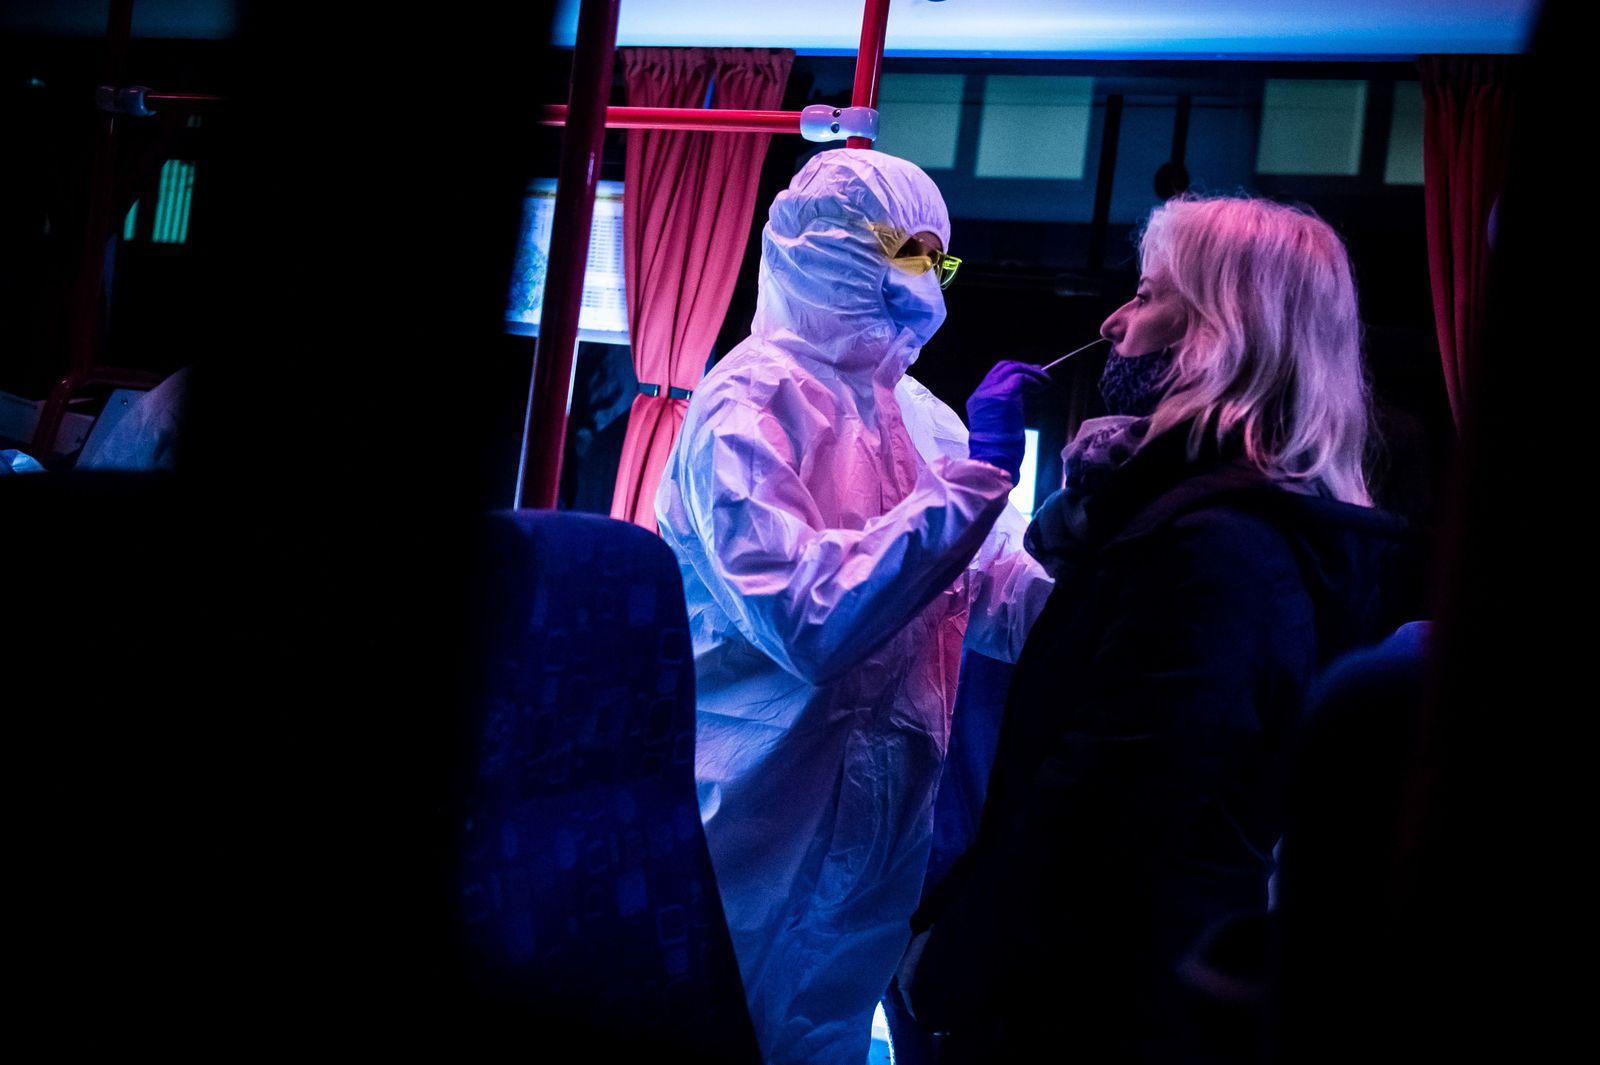 SLOVAKIA-HEALTH-VIRUS-TESTING-DISEASE